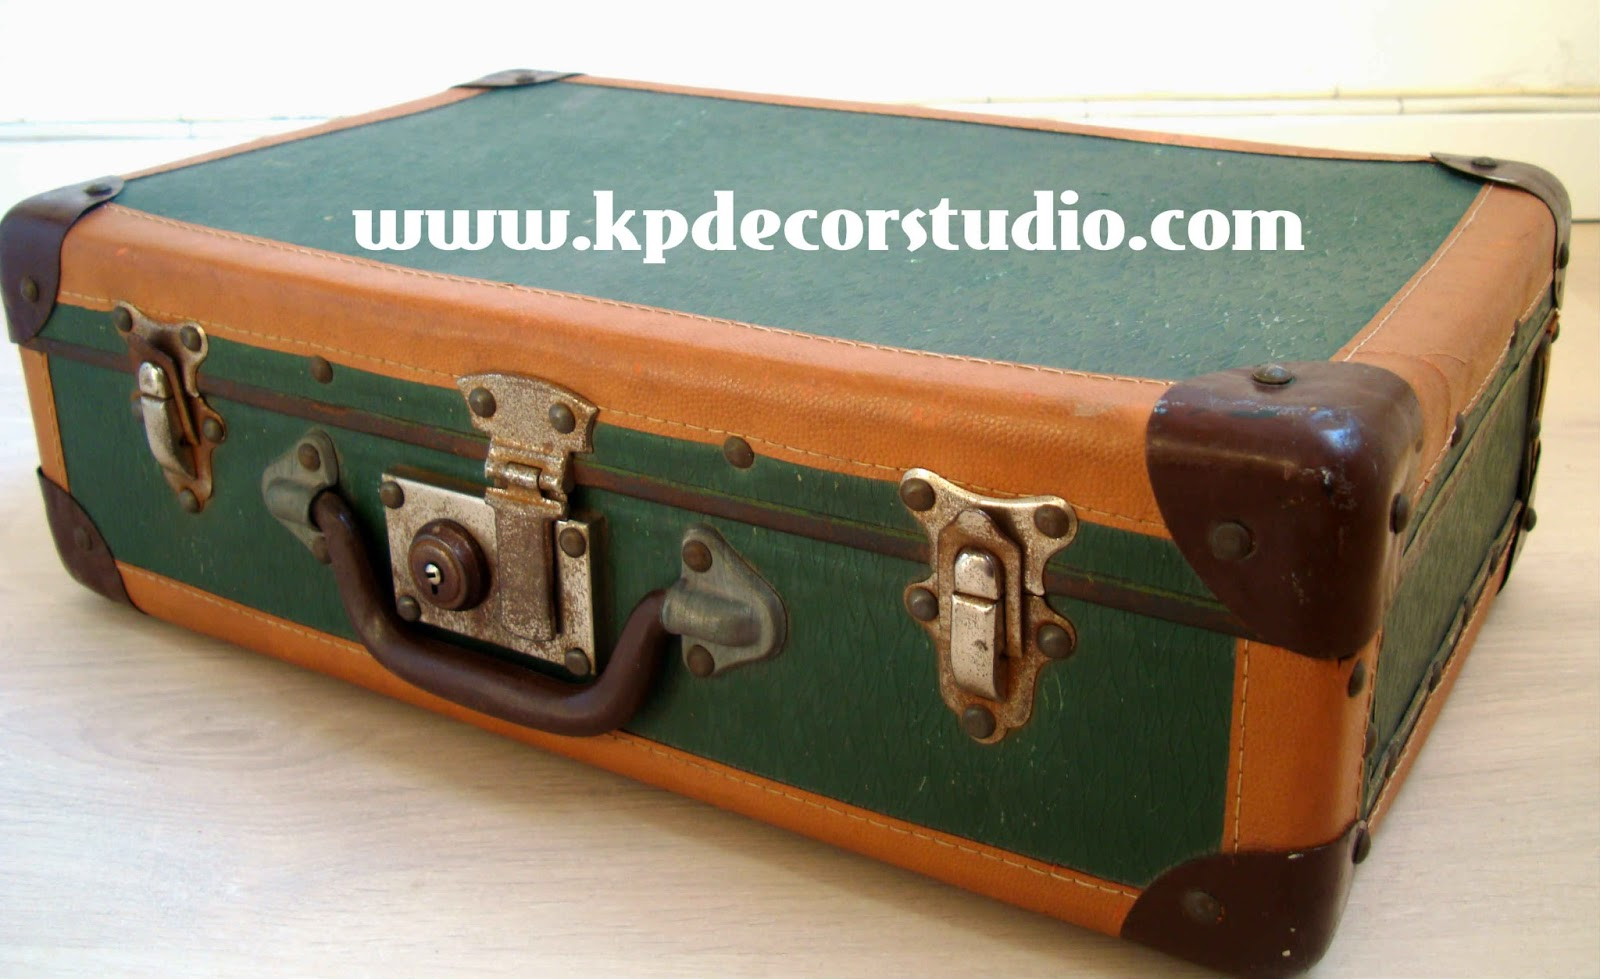 Kp tienda vintage online maleta antigua color verde a os for Maletas antiguas online